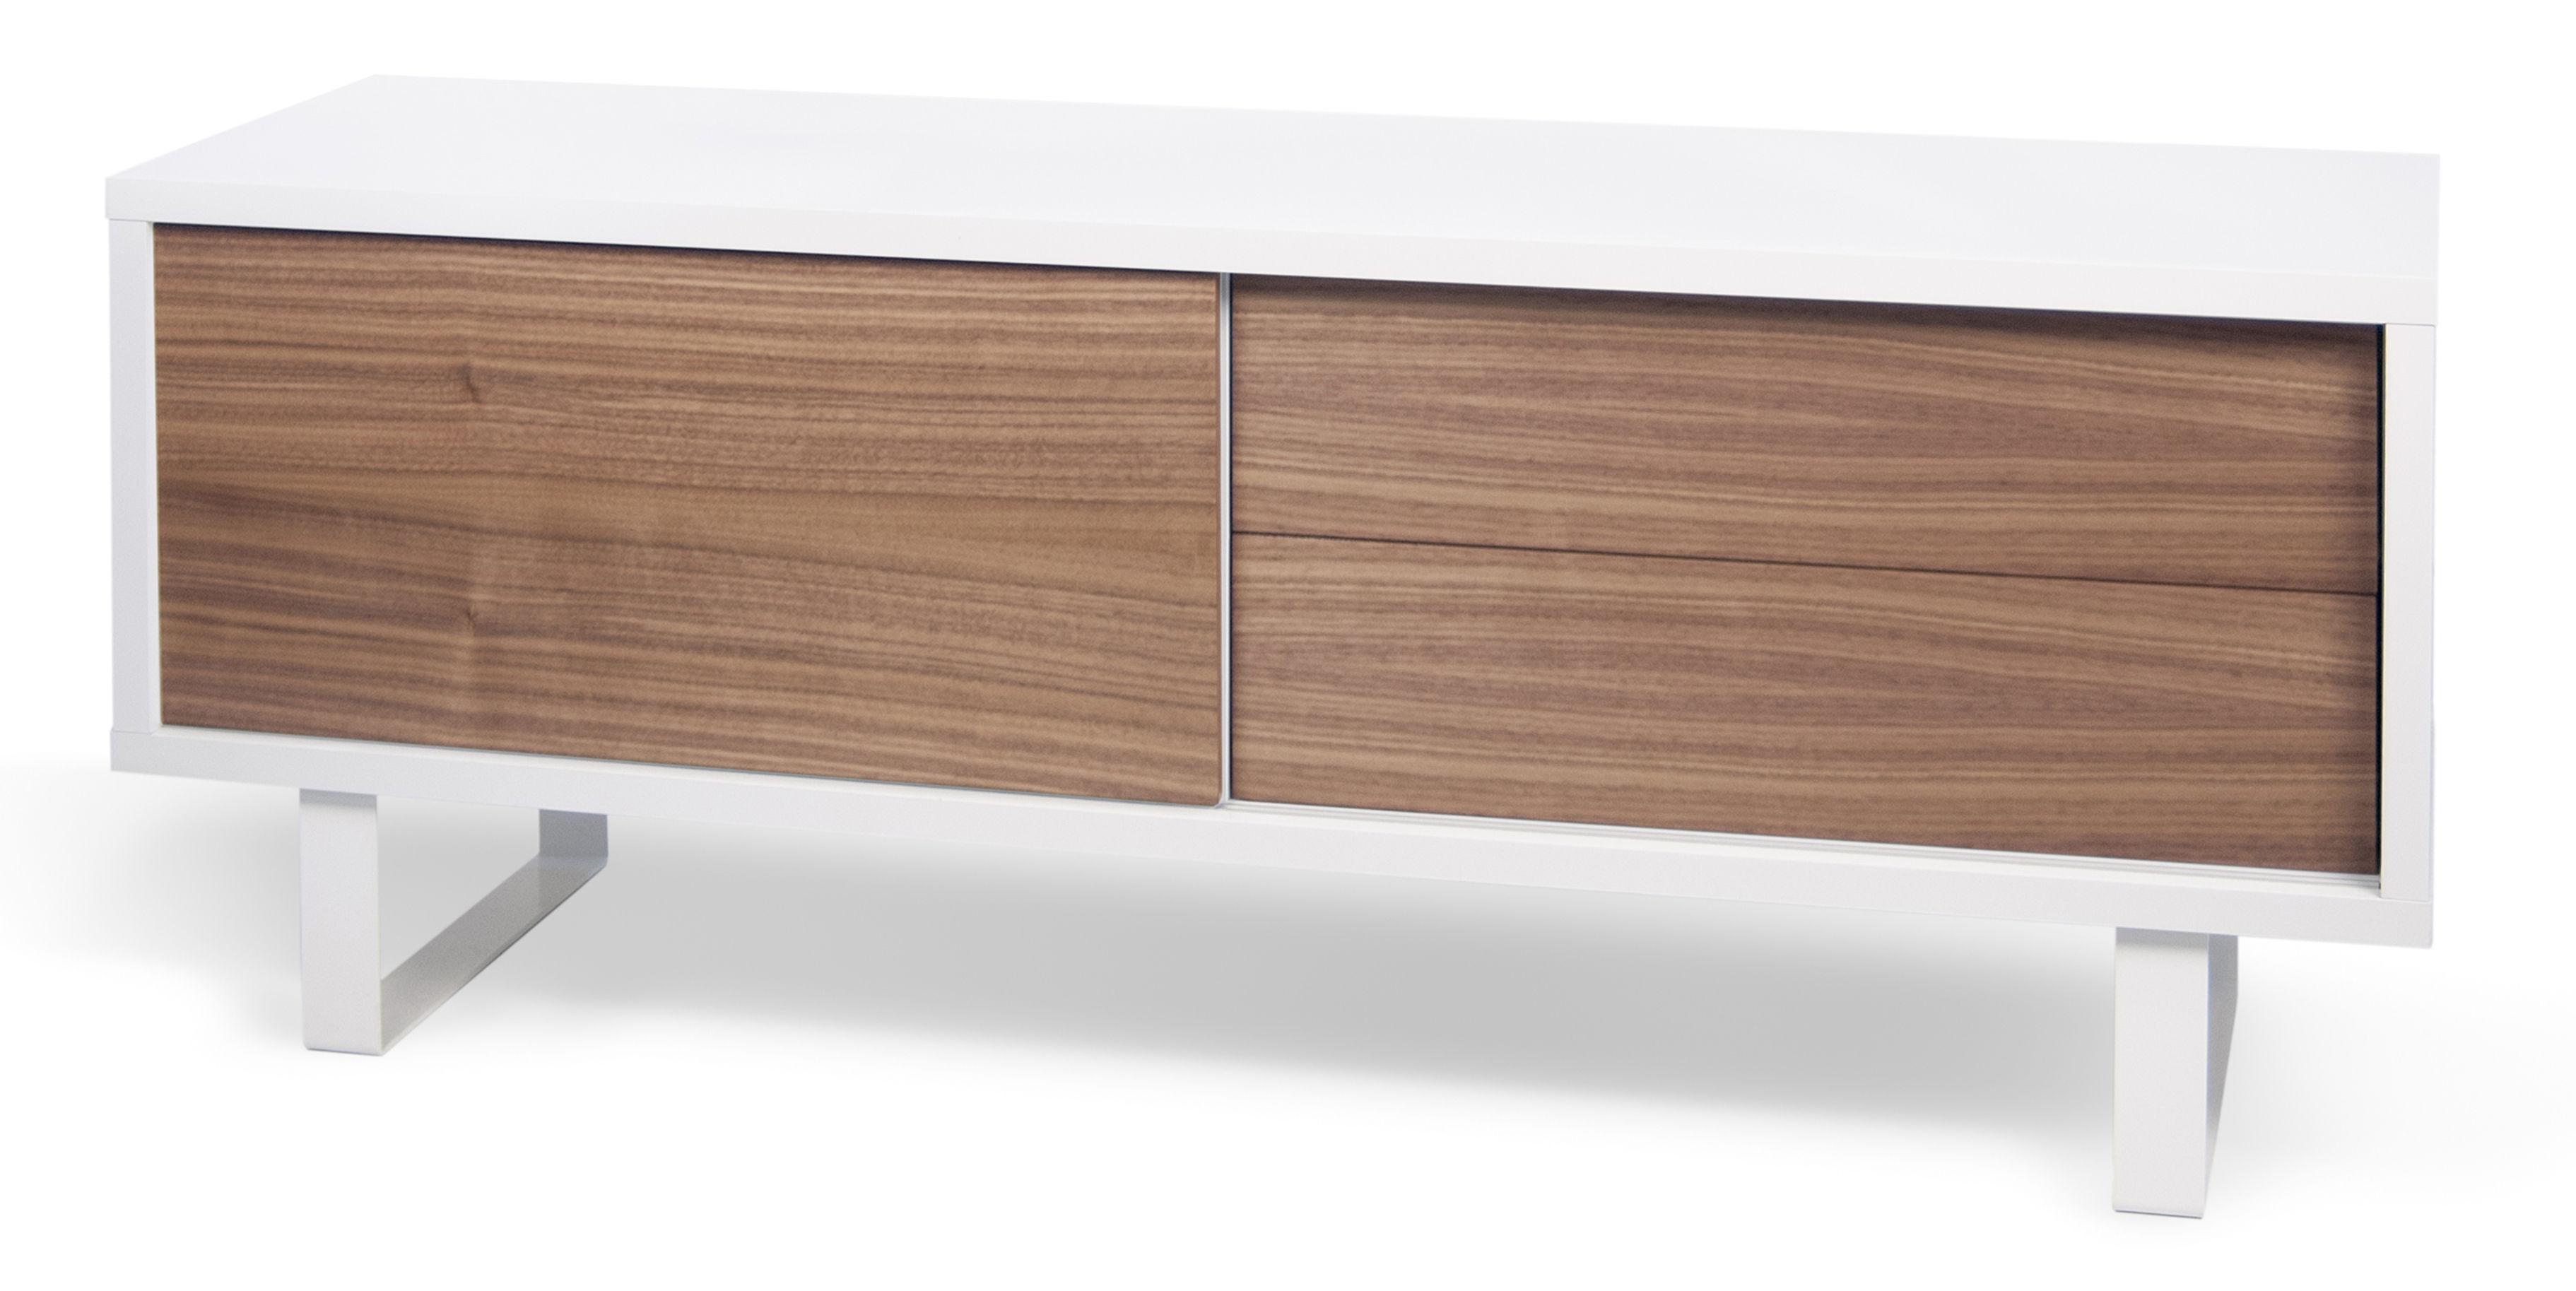 Credenza Con Cesti : Buffet oslo pop up home bianco noce l 150 x h 58 made in design